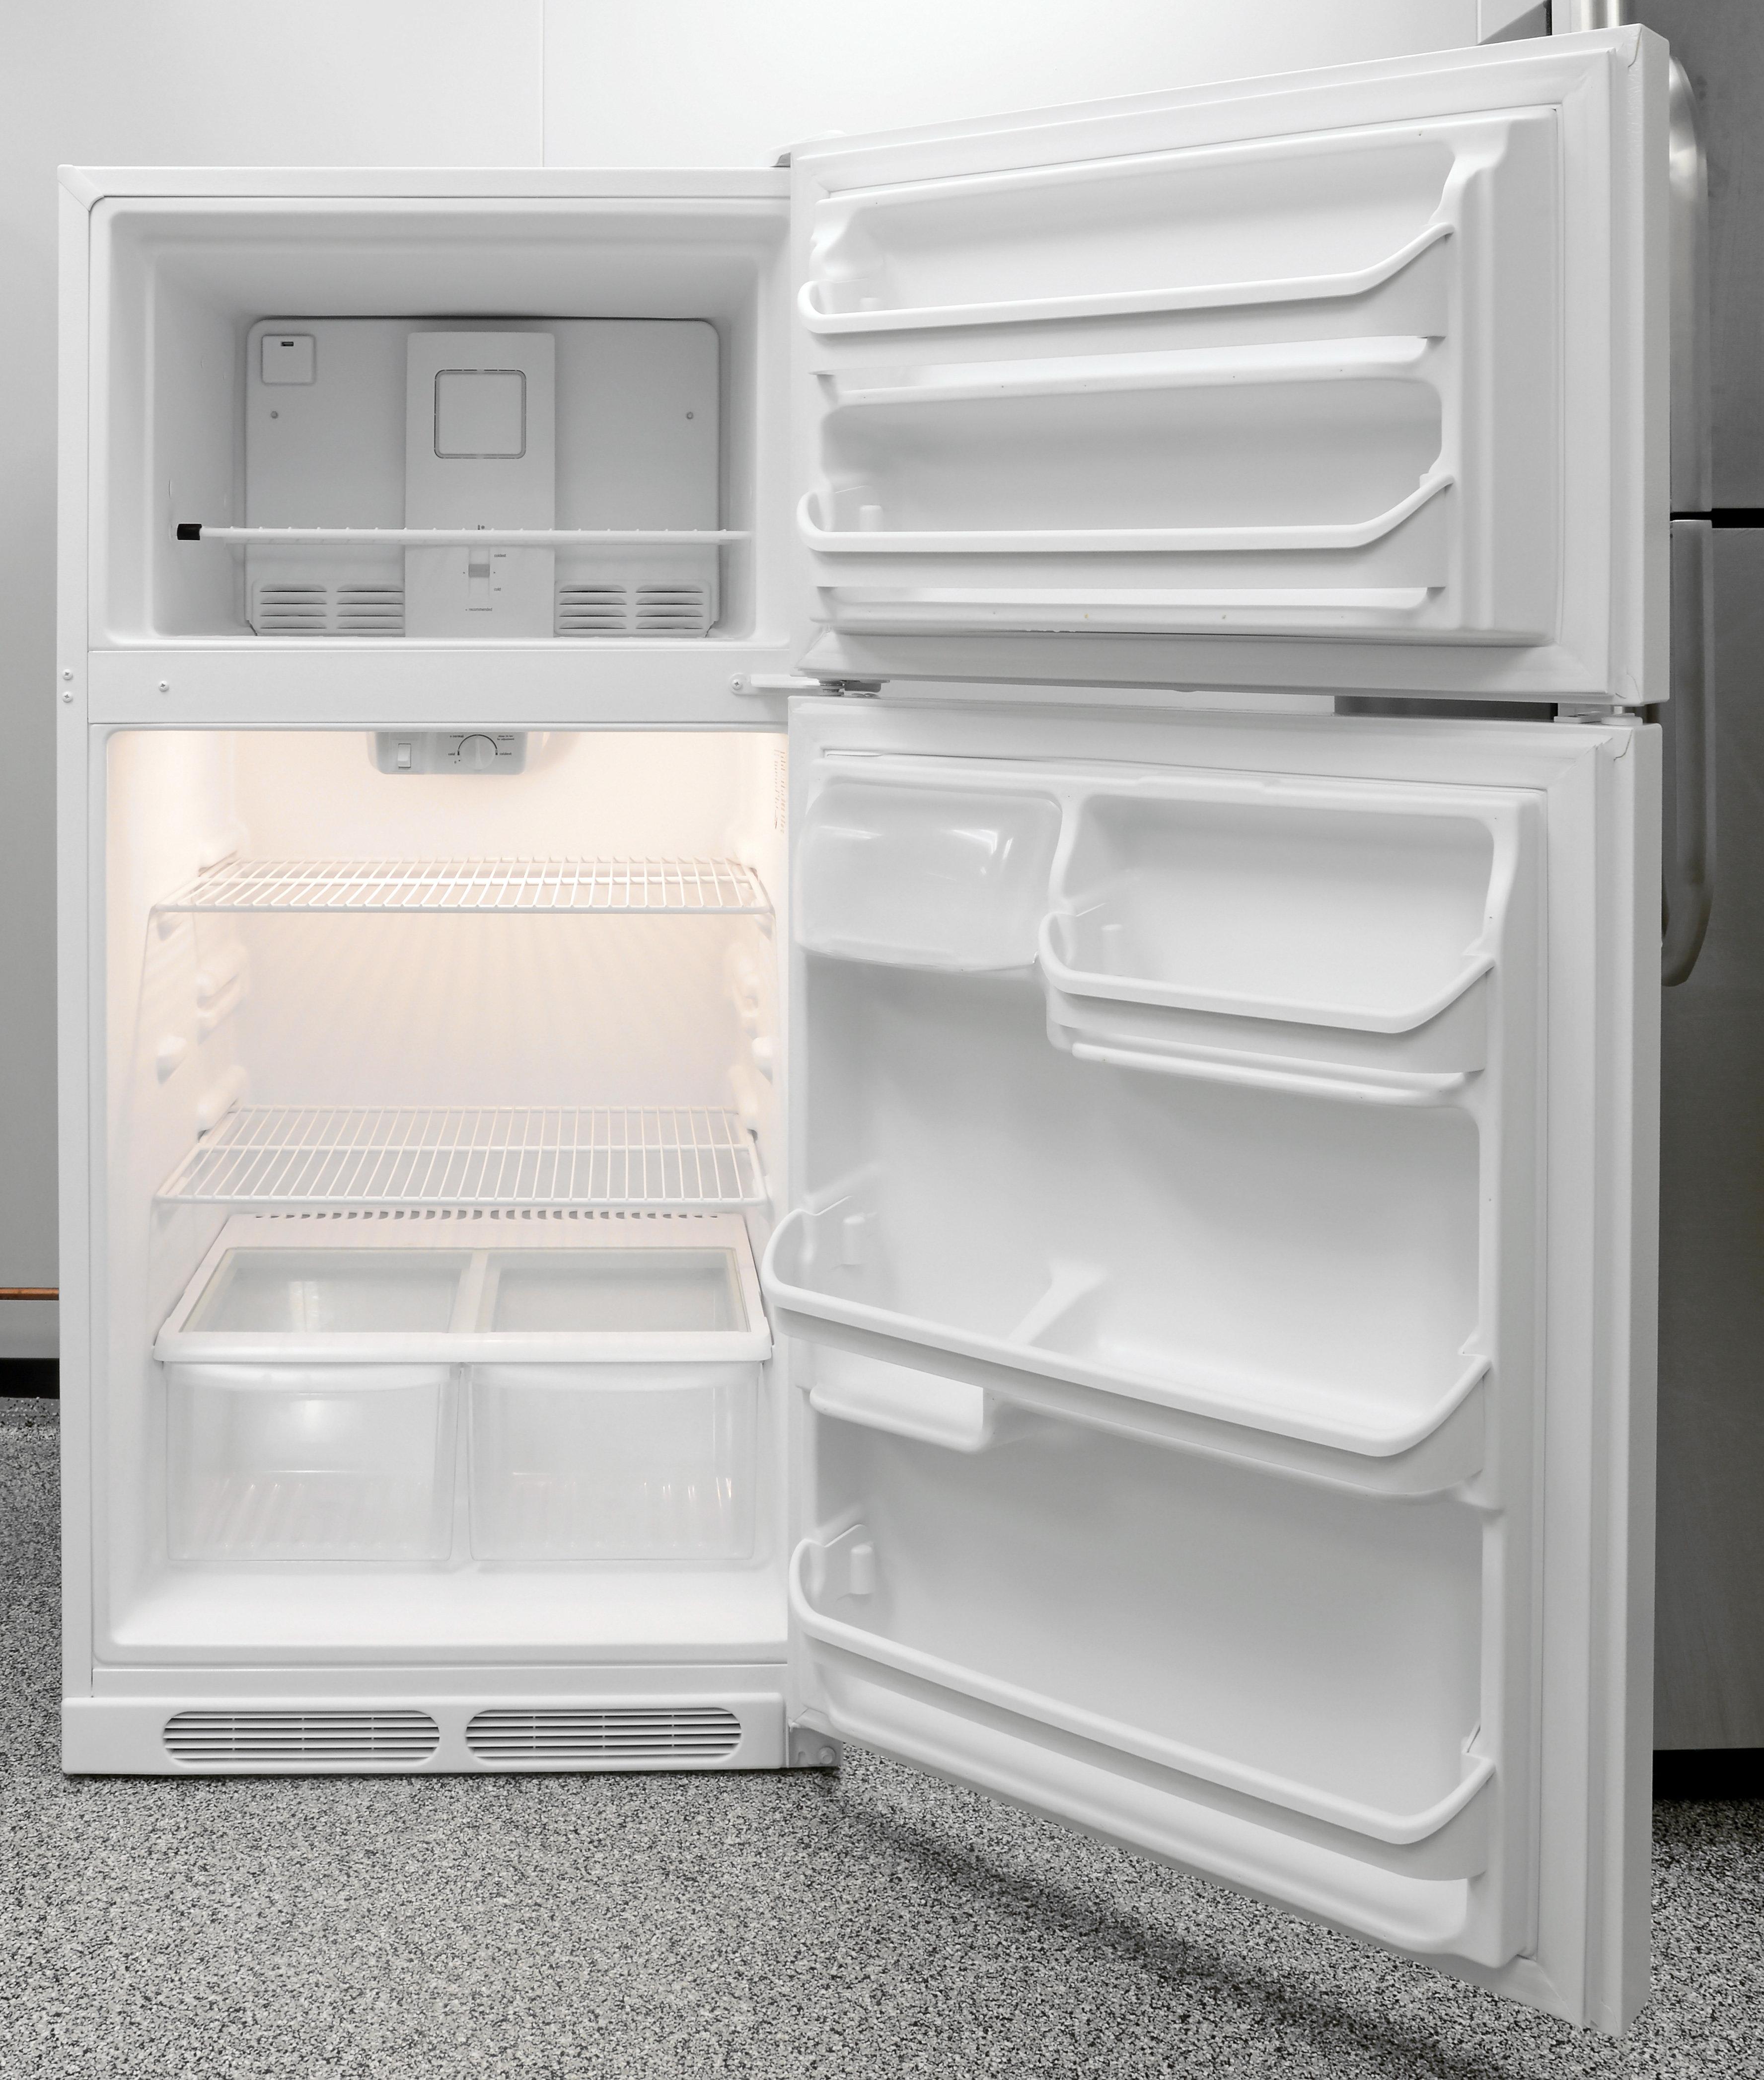 Frigidaire FFTR1514QW Refrigerator Review - Reviewed.com Refrigerators